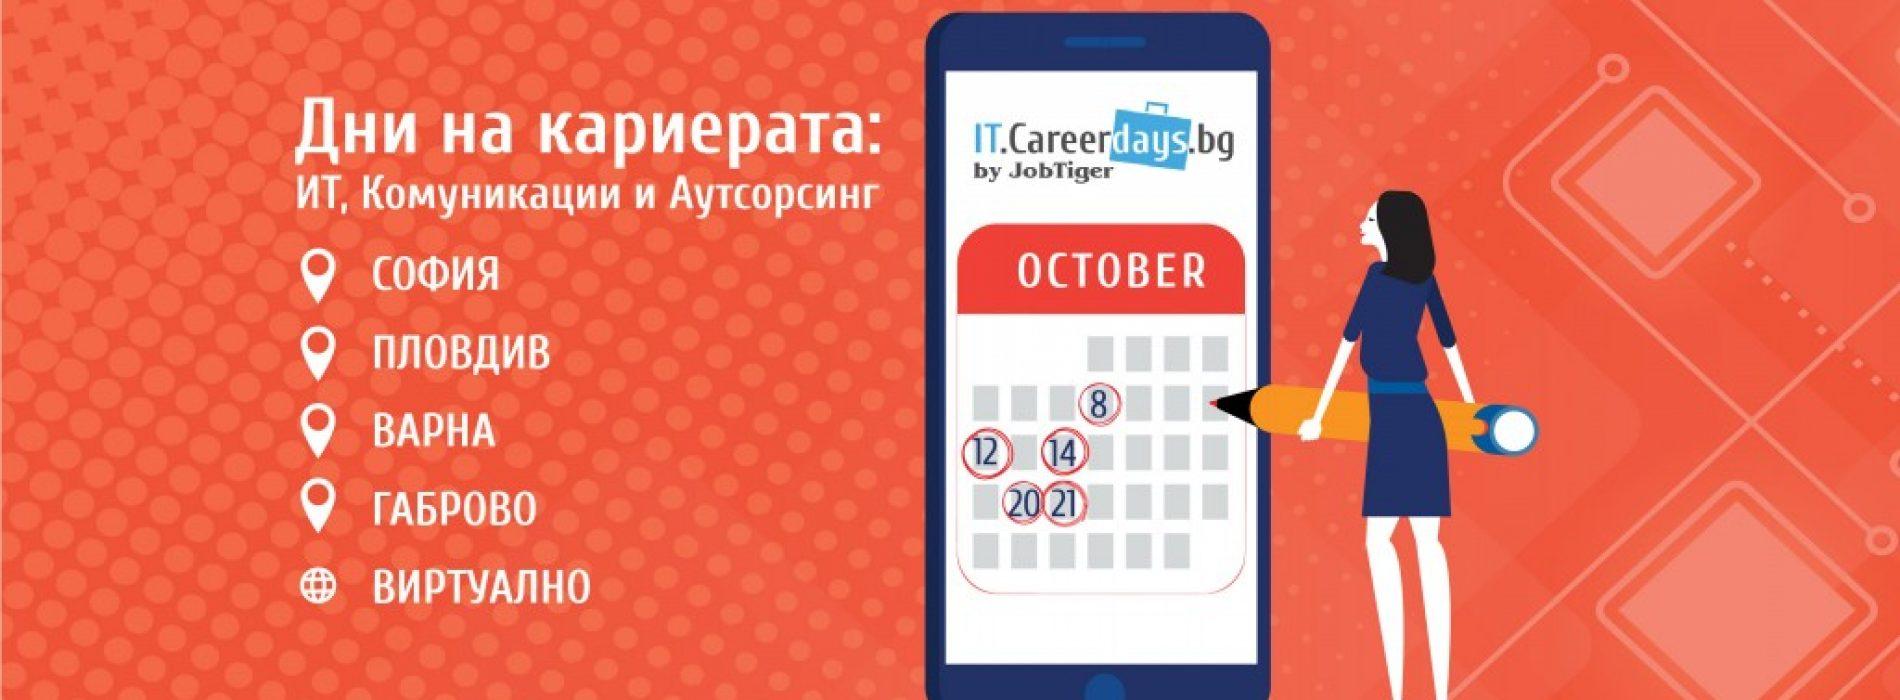 """Въпреки кризата… """"Дни на кариерата: ИТ, Комуникации и Аутсорсинг"""" ще срещне водещи работодатели с техните бъдещи кадри"""